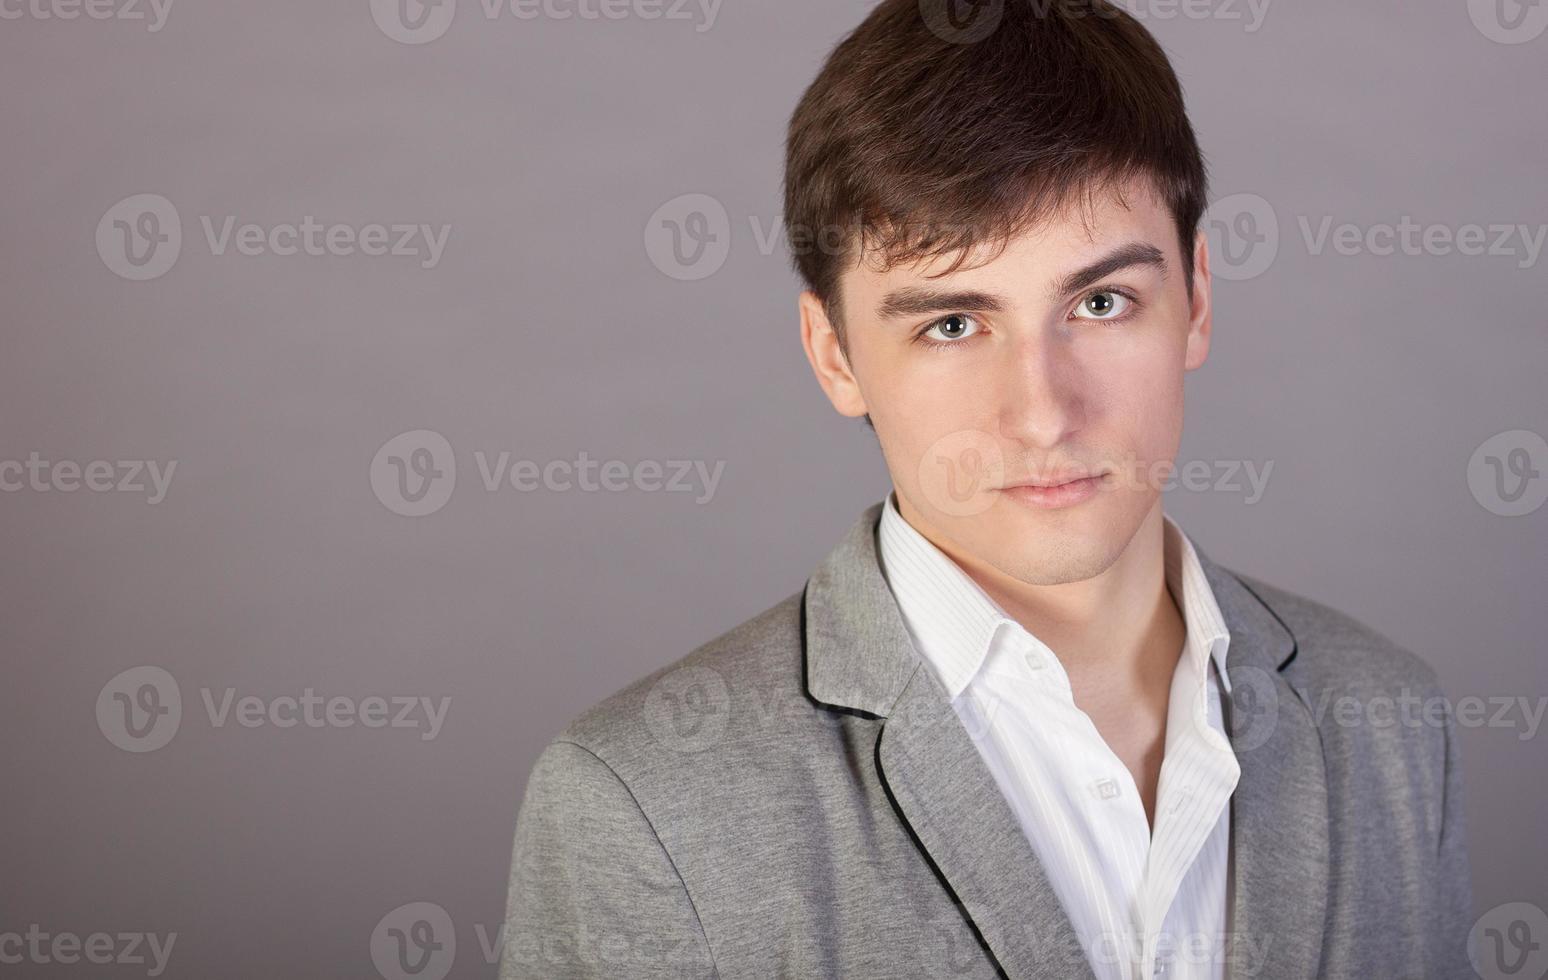 stilvoller junger Geschäftsmann auf einem grauen Hintergrund foto